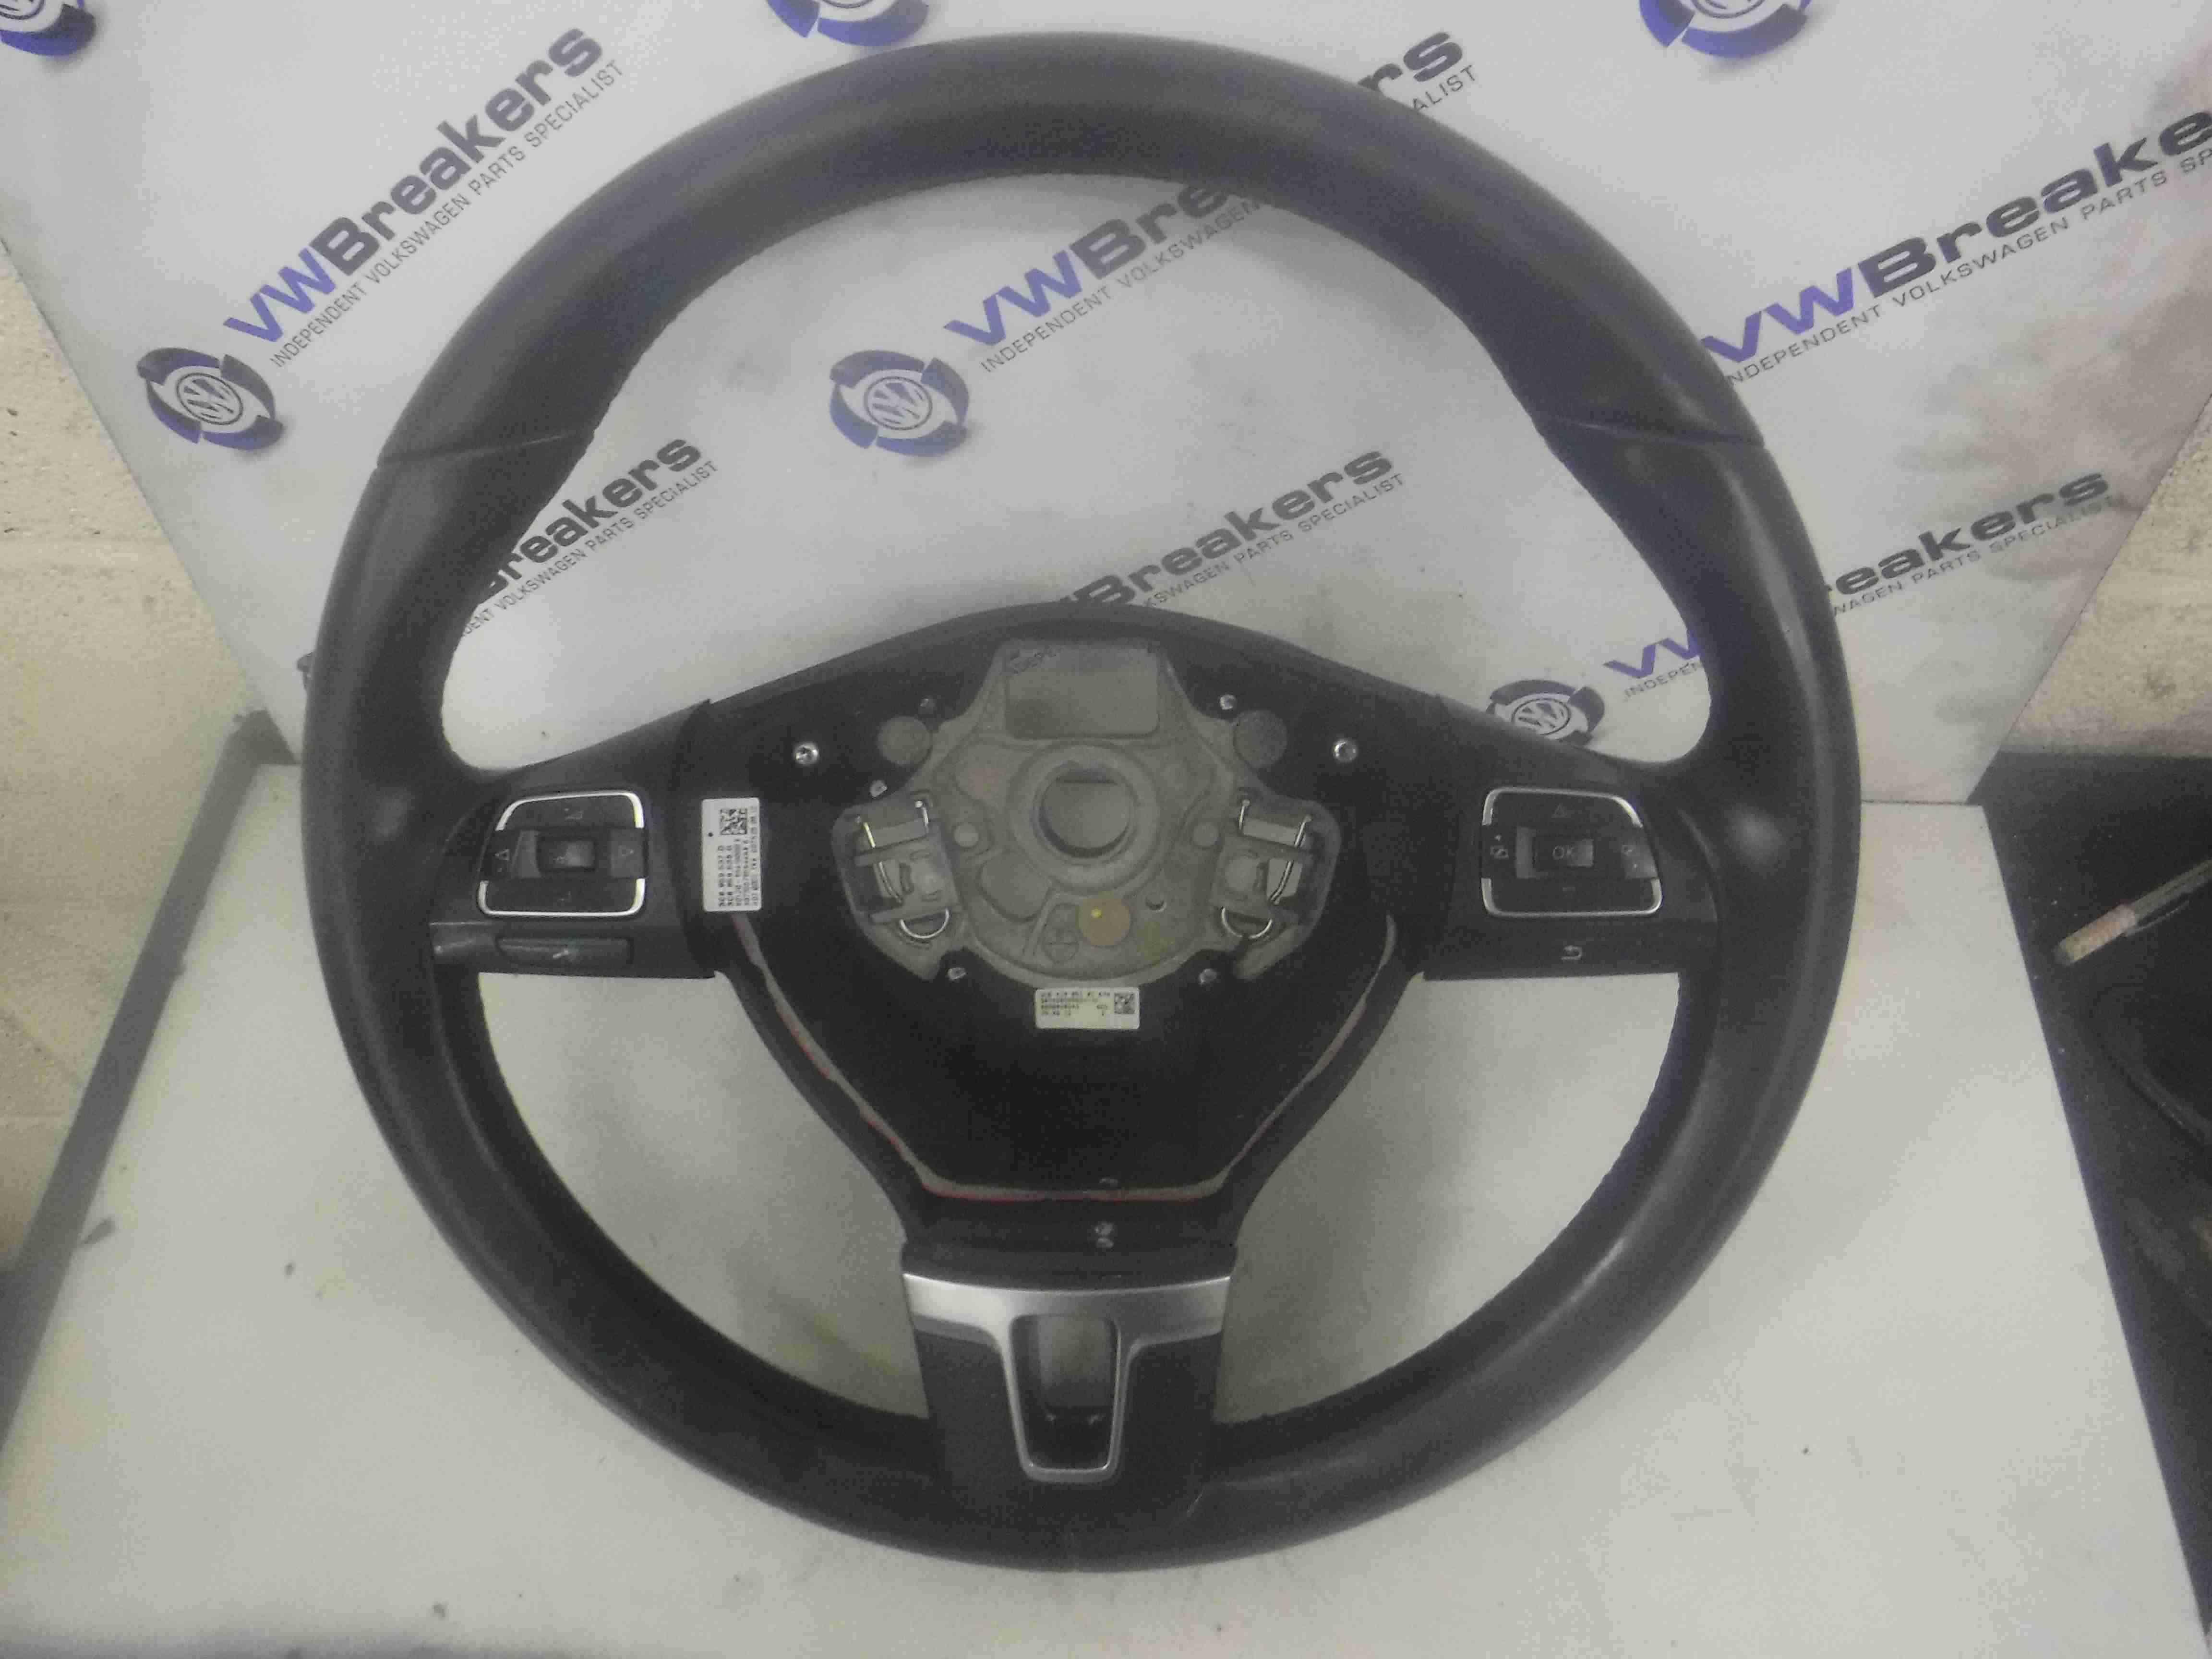 Volkswagen Passat B7 2010-2015 Leather Steering Wheel 3C8959538G 3C8959537D